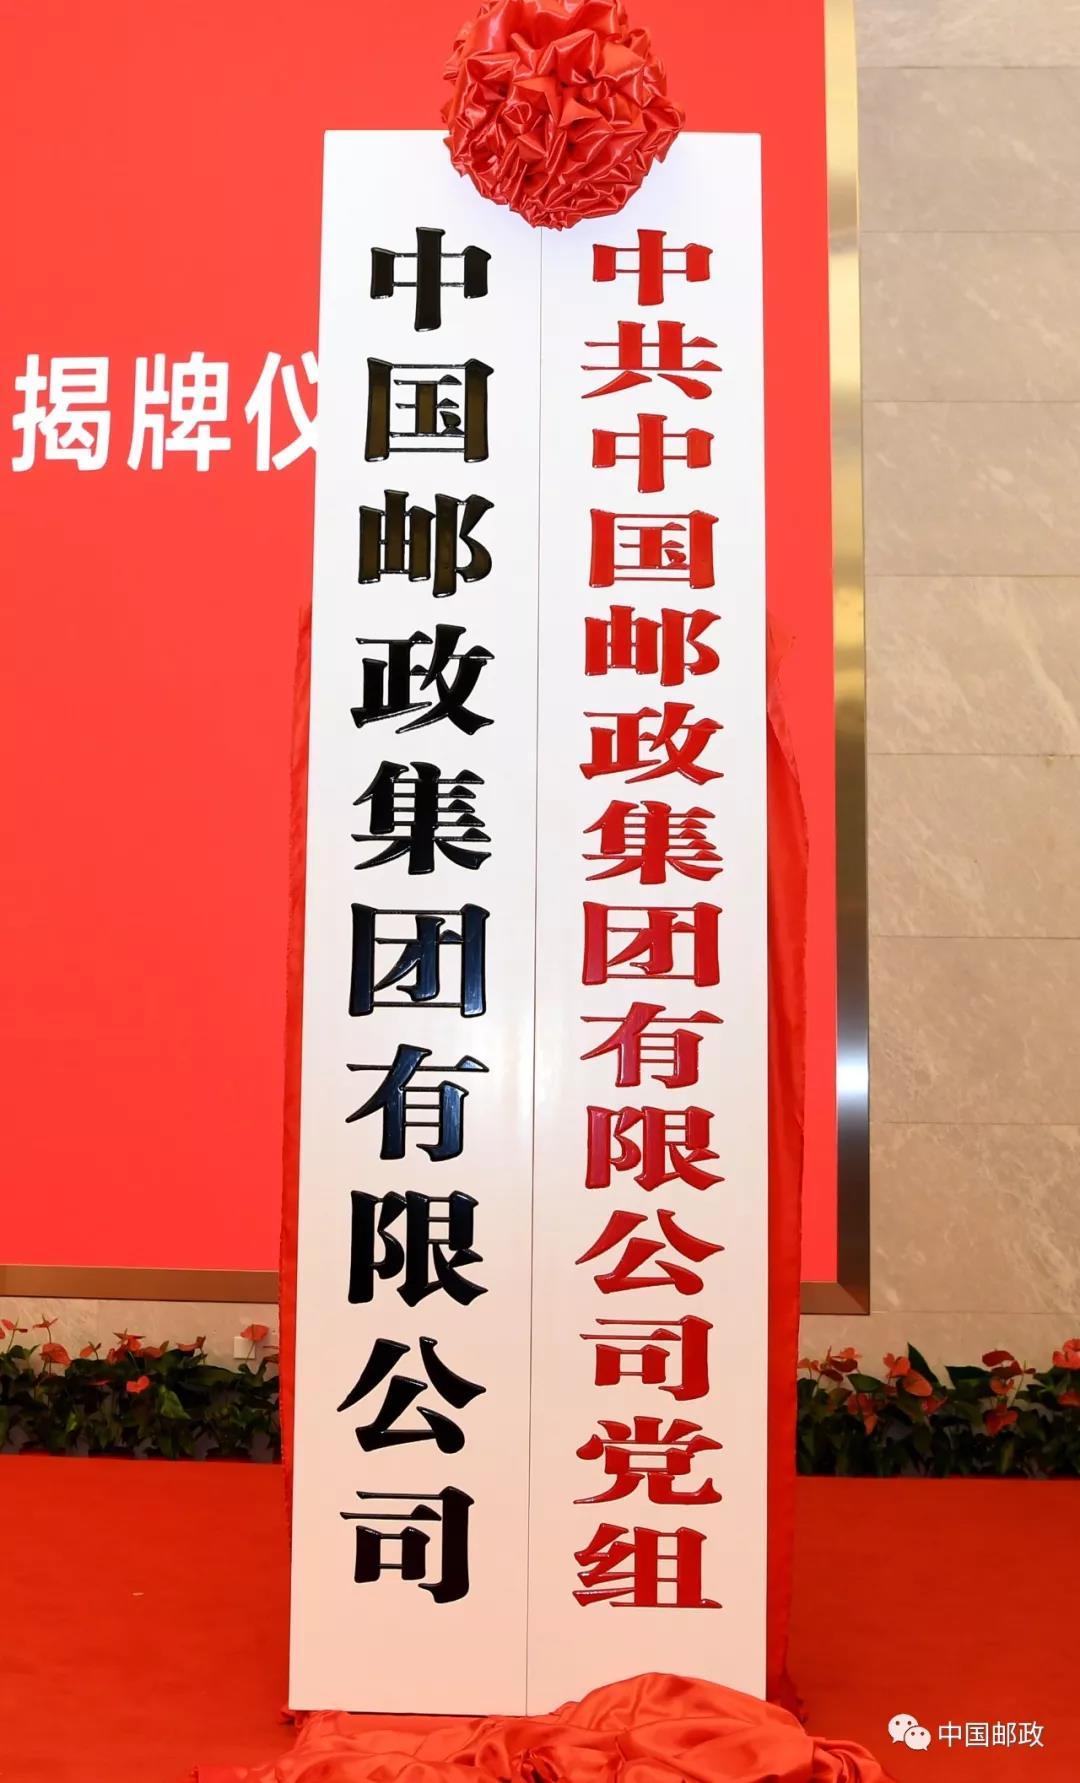 中国邮政集团有限公司在京揭牌成立